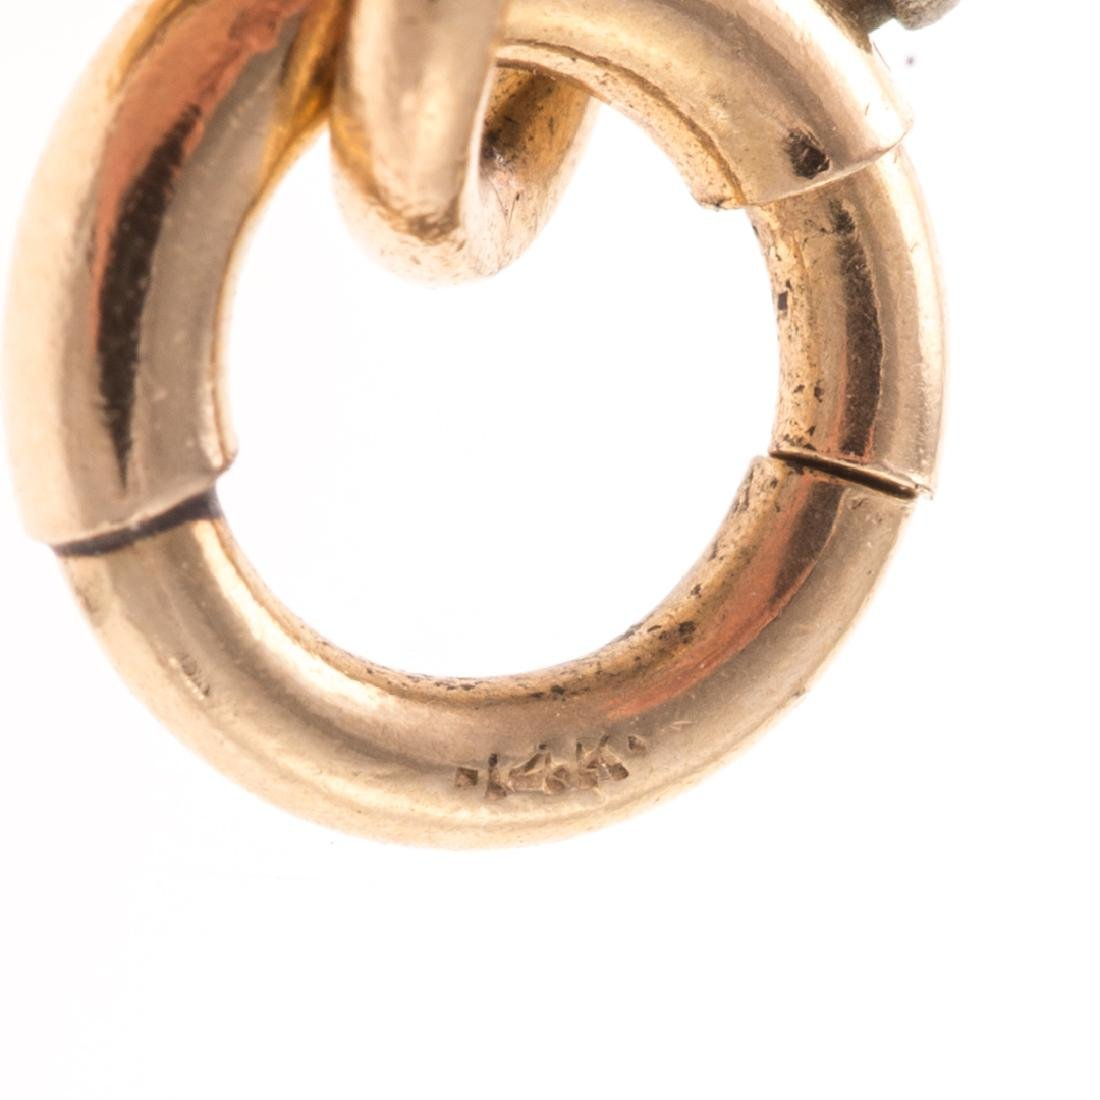 A Lady's Open Link Bracelet in 14K Gold - 4